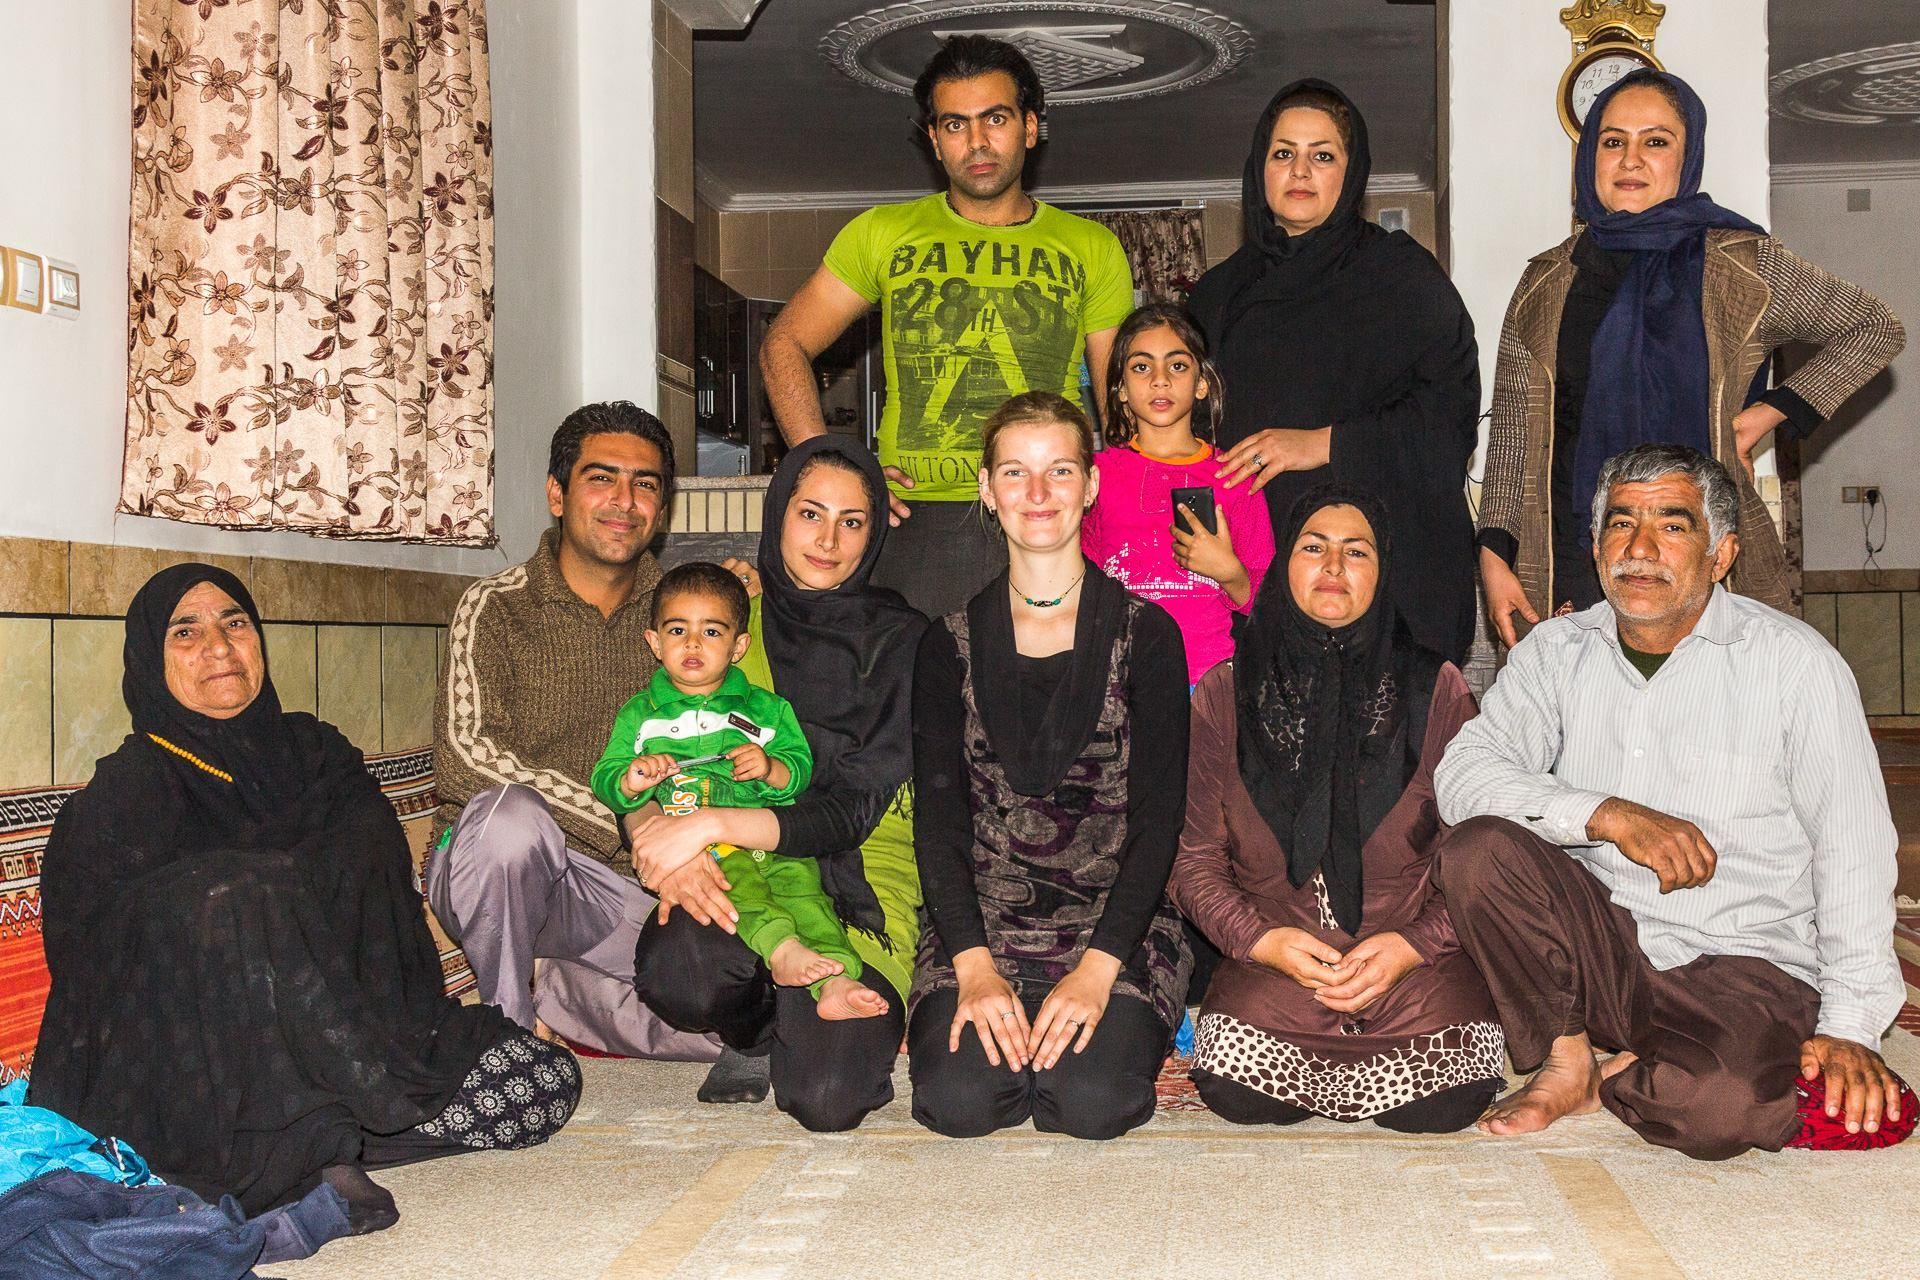 Společné foto s každou rodinou je nutnost